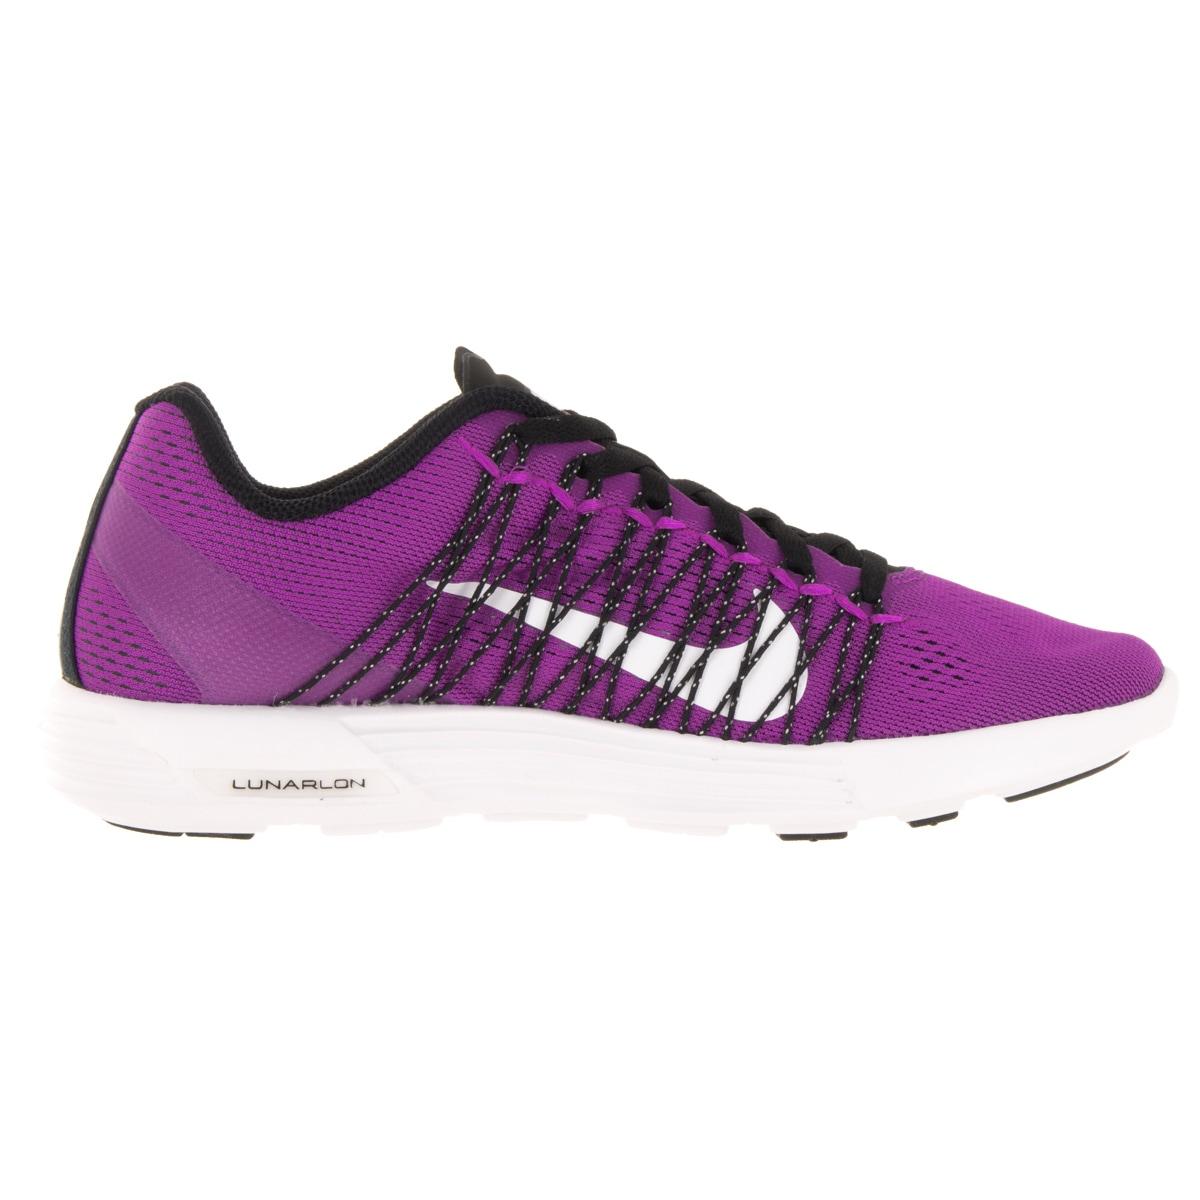 55e05e413123 Shop Nike Women s Lunaracer+ 3 Hyper Violet White Black Running Shoe - Free  Shipping Today - Overstock - 12328282